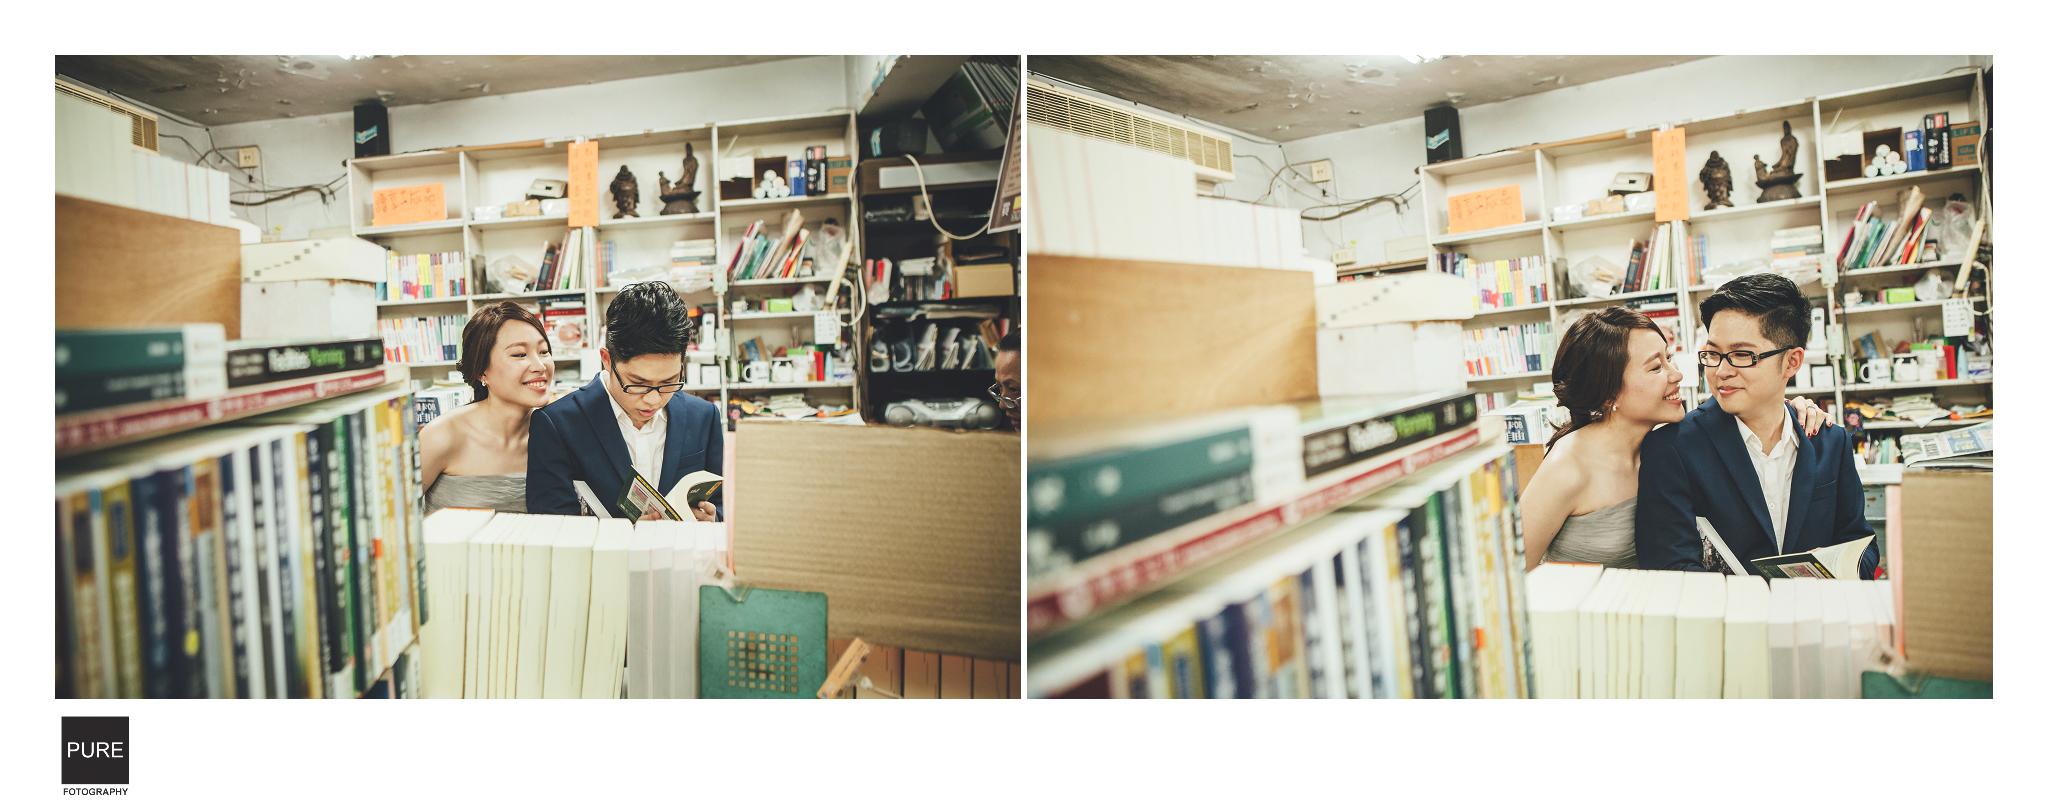 Signature-Minhao 7.jpg